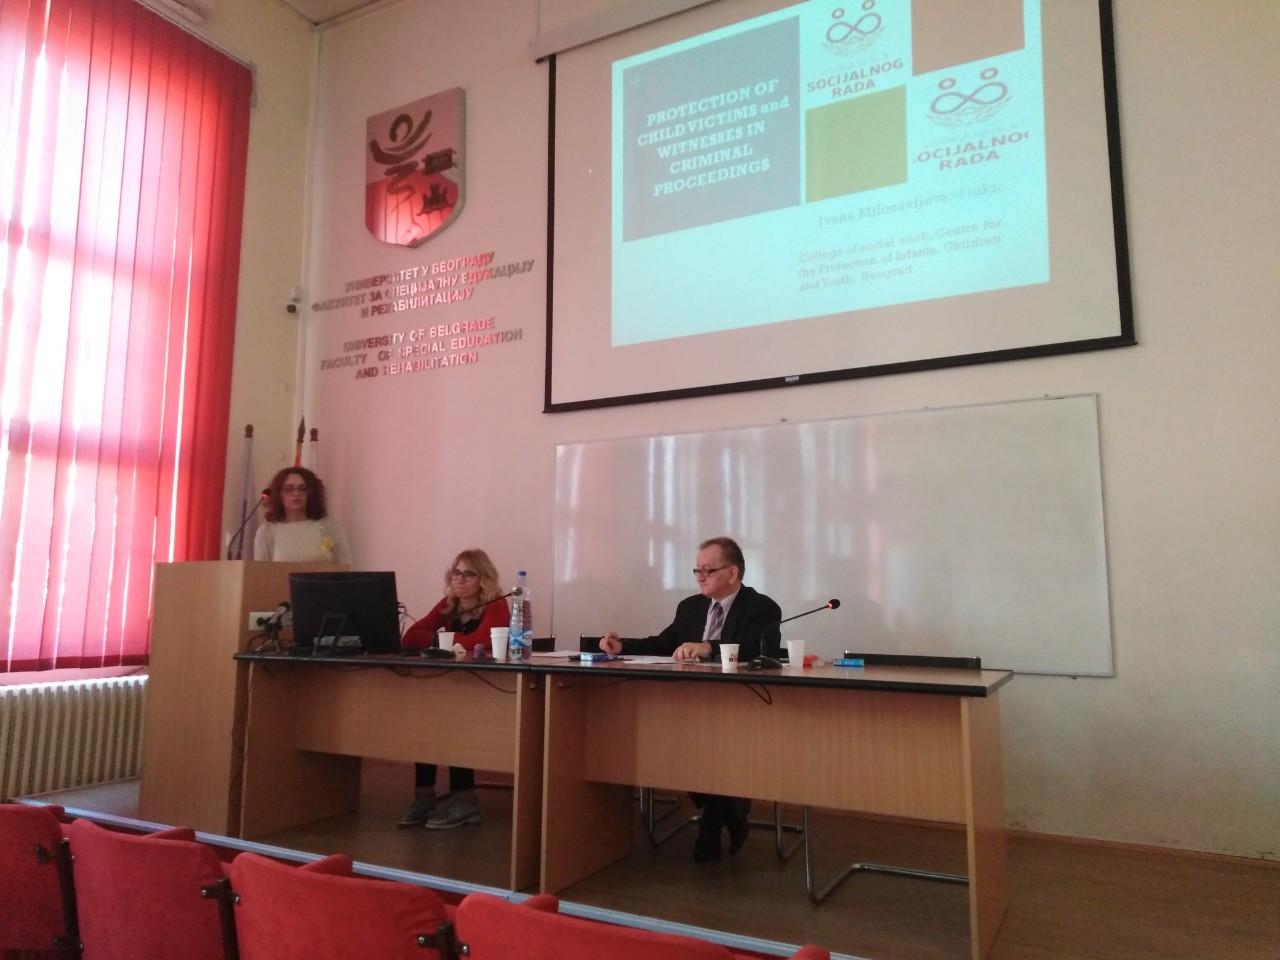 Doc. dr Ivana Milosavljević-Đukić imala izlaganje na 10. Međunarodnom skupu – Specijalna edukacija i rehabilitacija DANAS